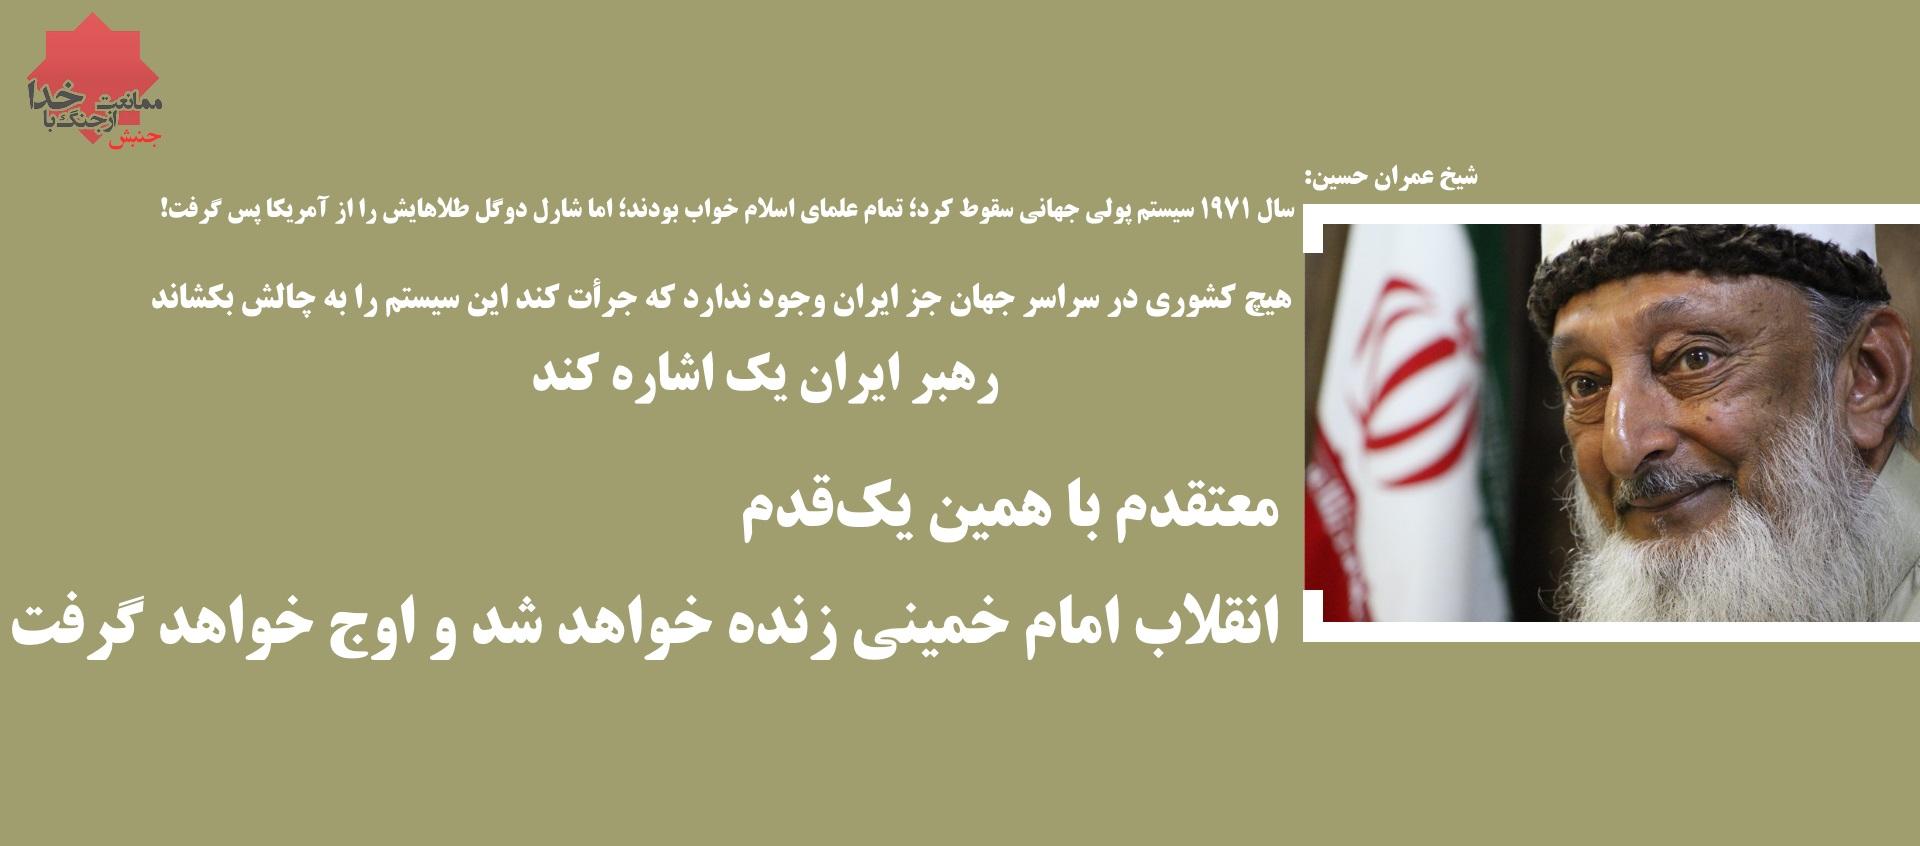 تصویر از بانکهای اسلامی شما از بقیه بانکها خطرناکترند